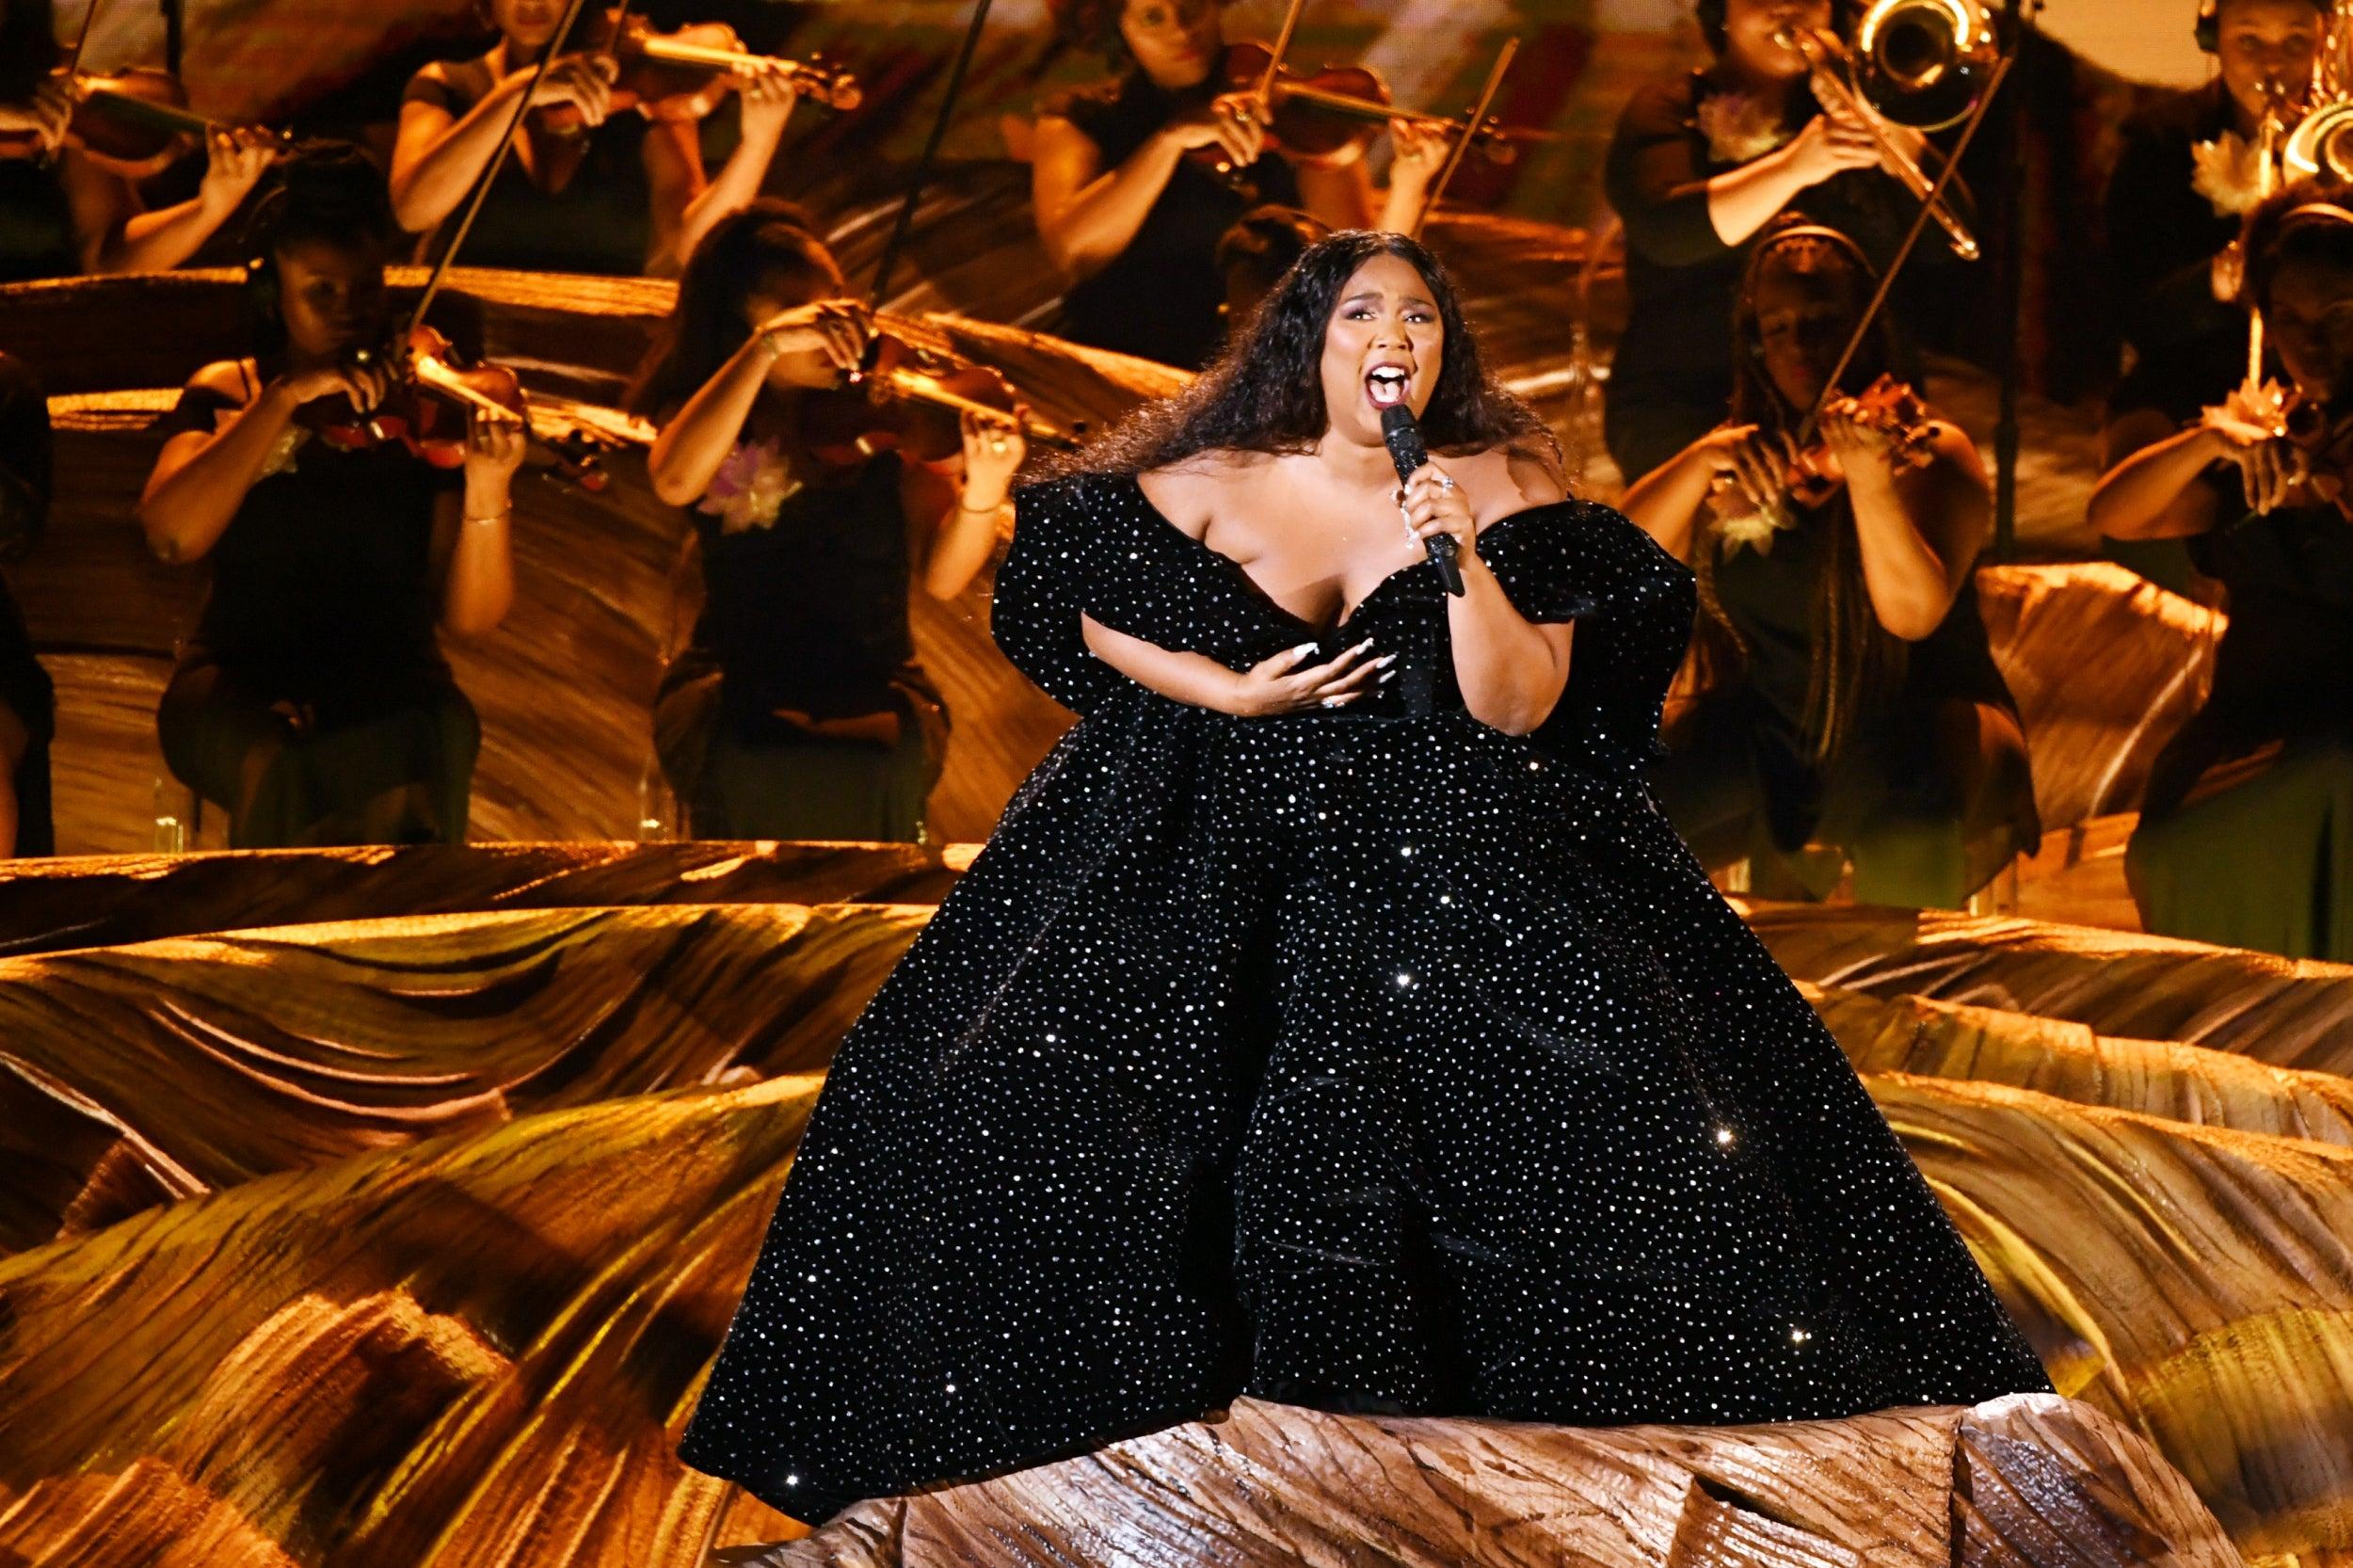 lizzo nhận giỉ thưởng lớn đầu tiên tại Grammy